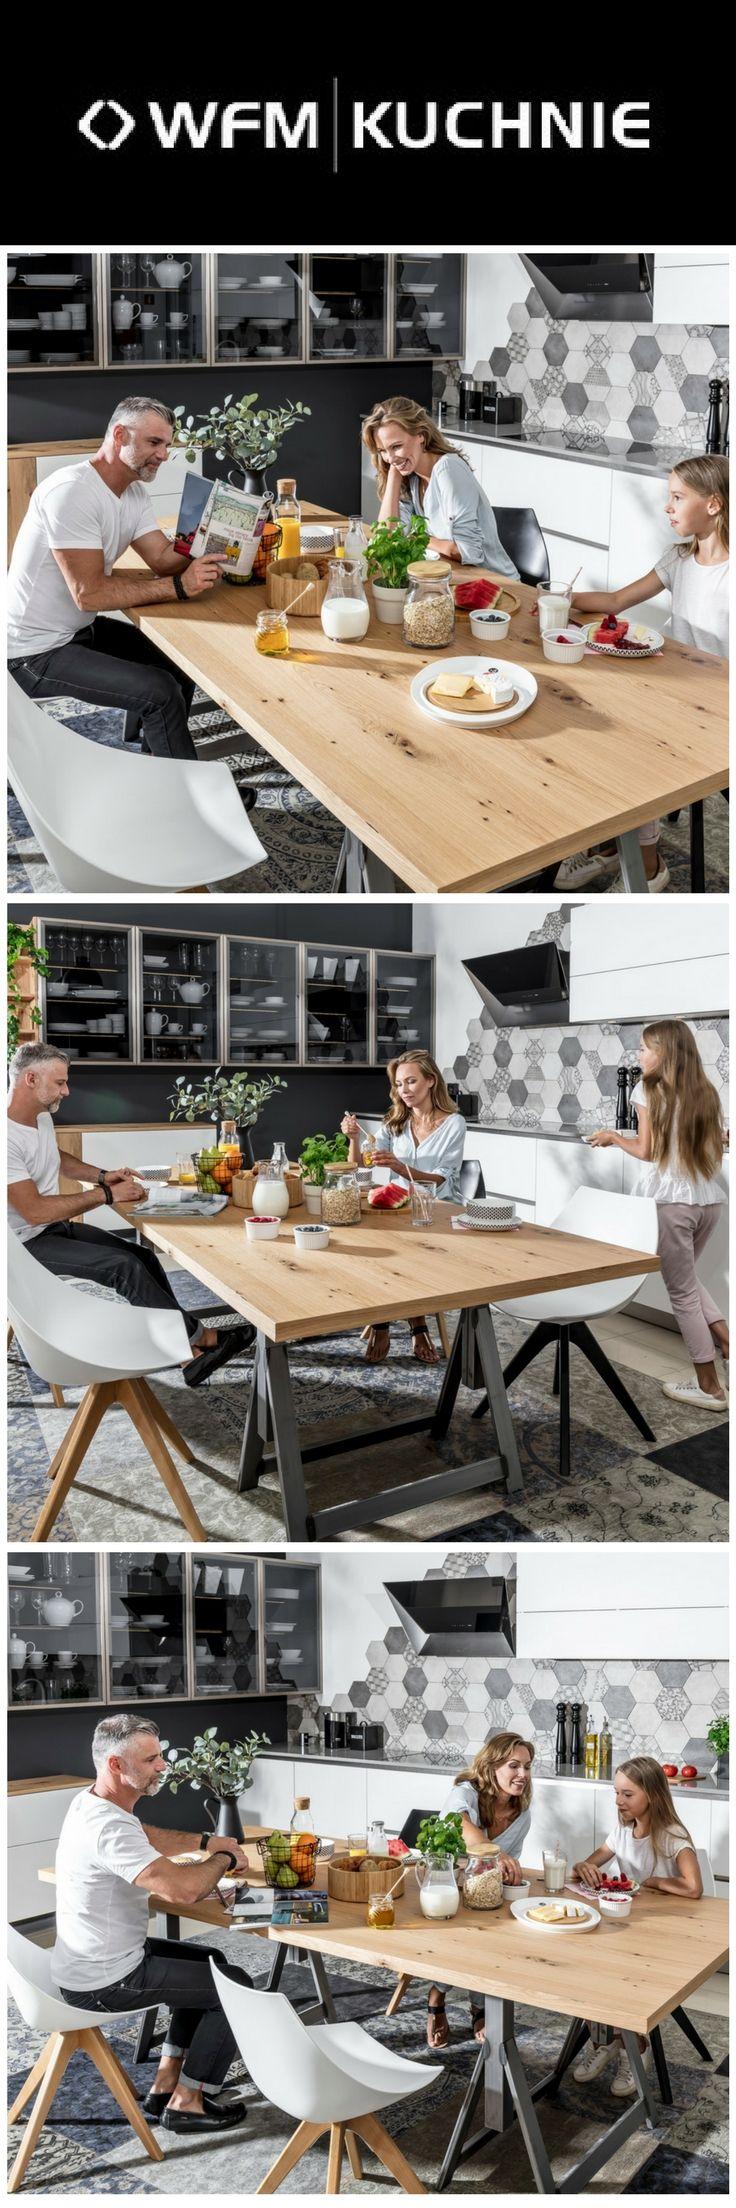 Czas wolny spędzany w kuchni przez domowników. Kuchnia marki WFM KUCHNIE. Program CALMA biały.